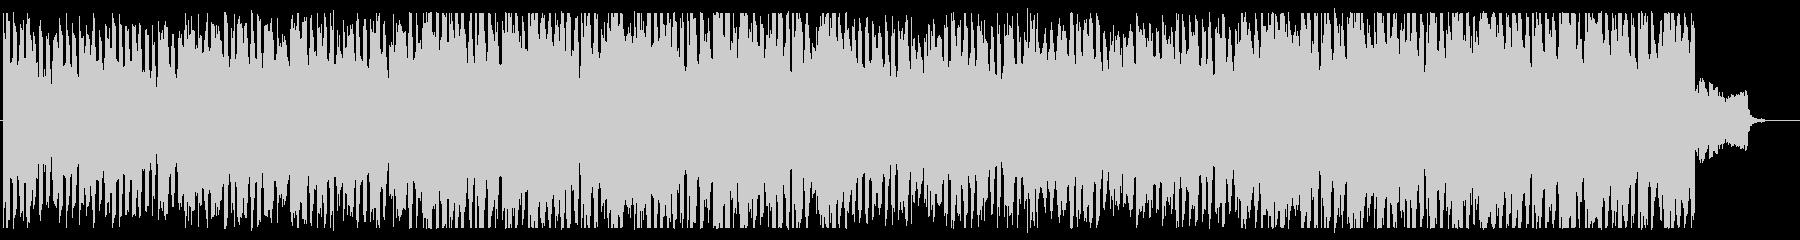 感動 壮大 エモい ピアノ ポップスの未再生の波形